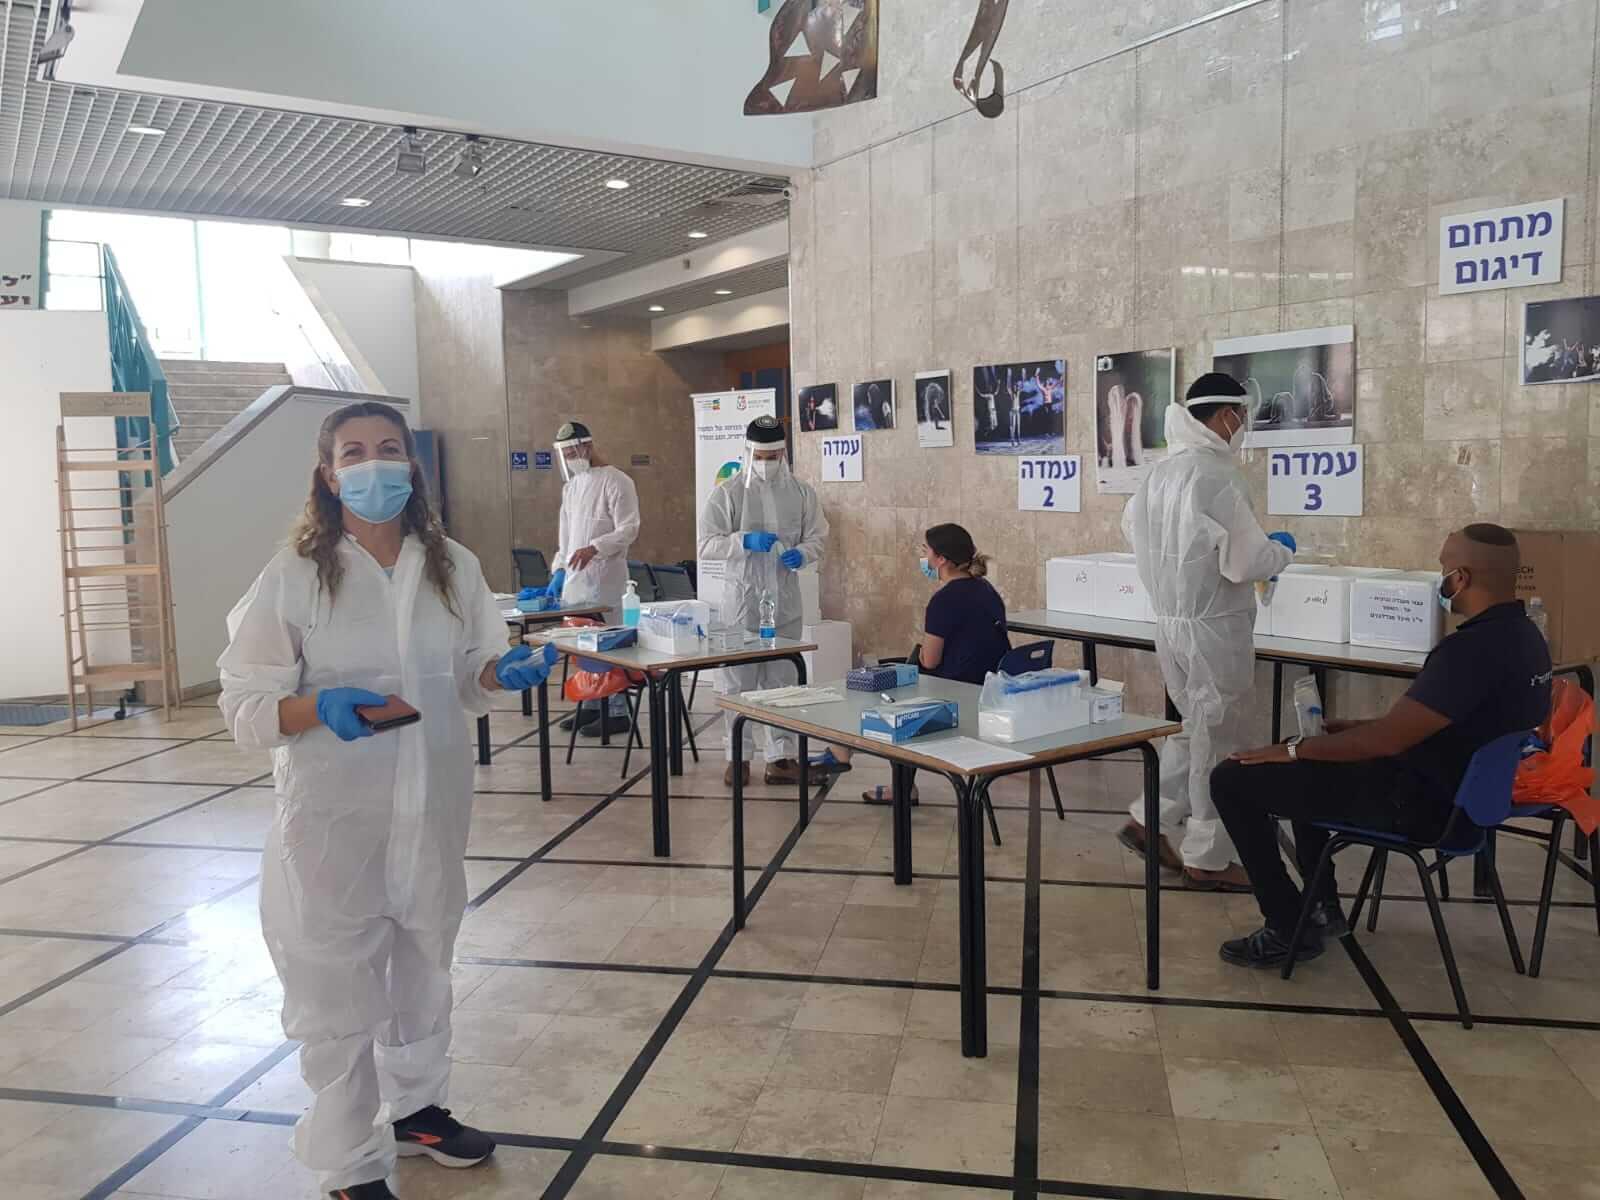 עדכון קורונה: תושבי קריית גת יכולים להגיע לבדיקת קורונה ללא הפניה מרופא משפחה